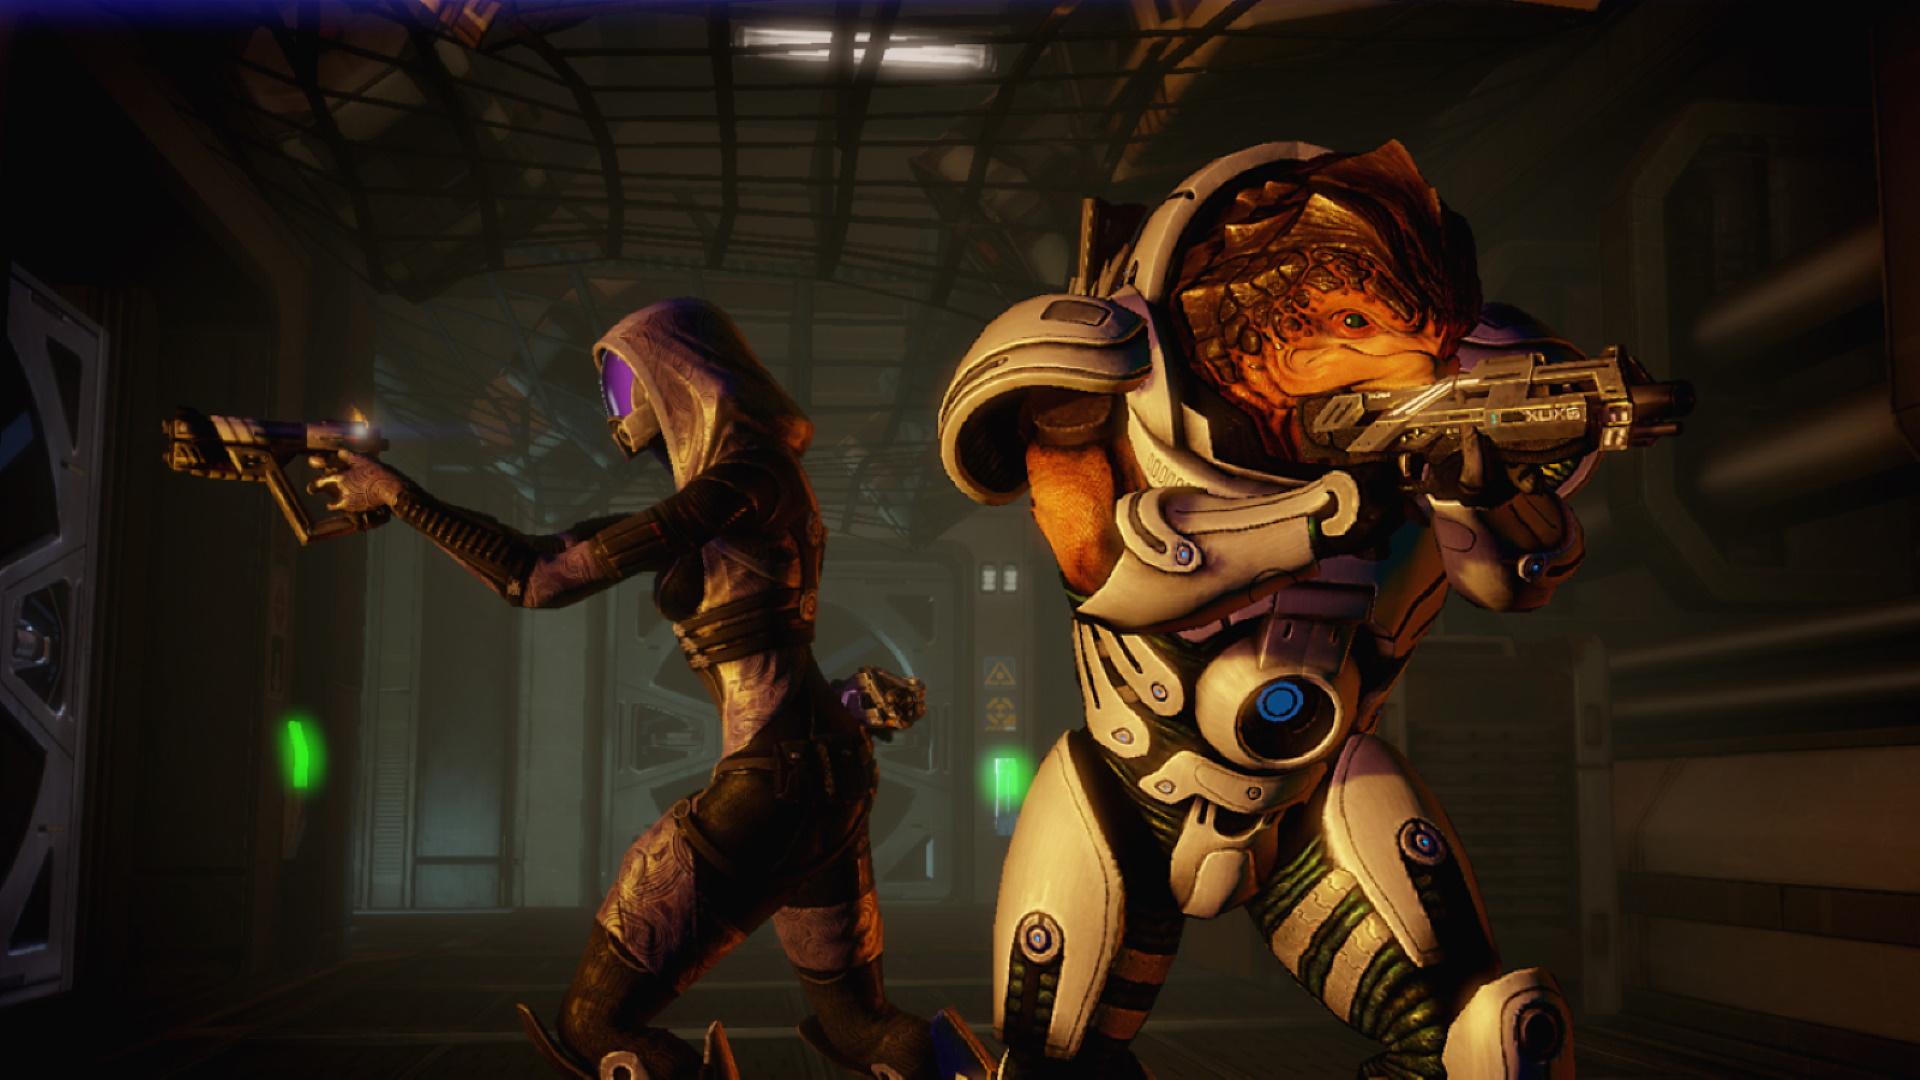 Mass Effect 2 - Best space games 2020